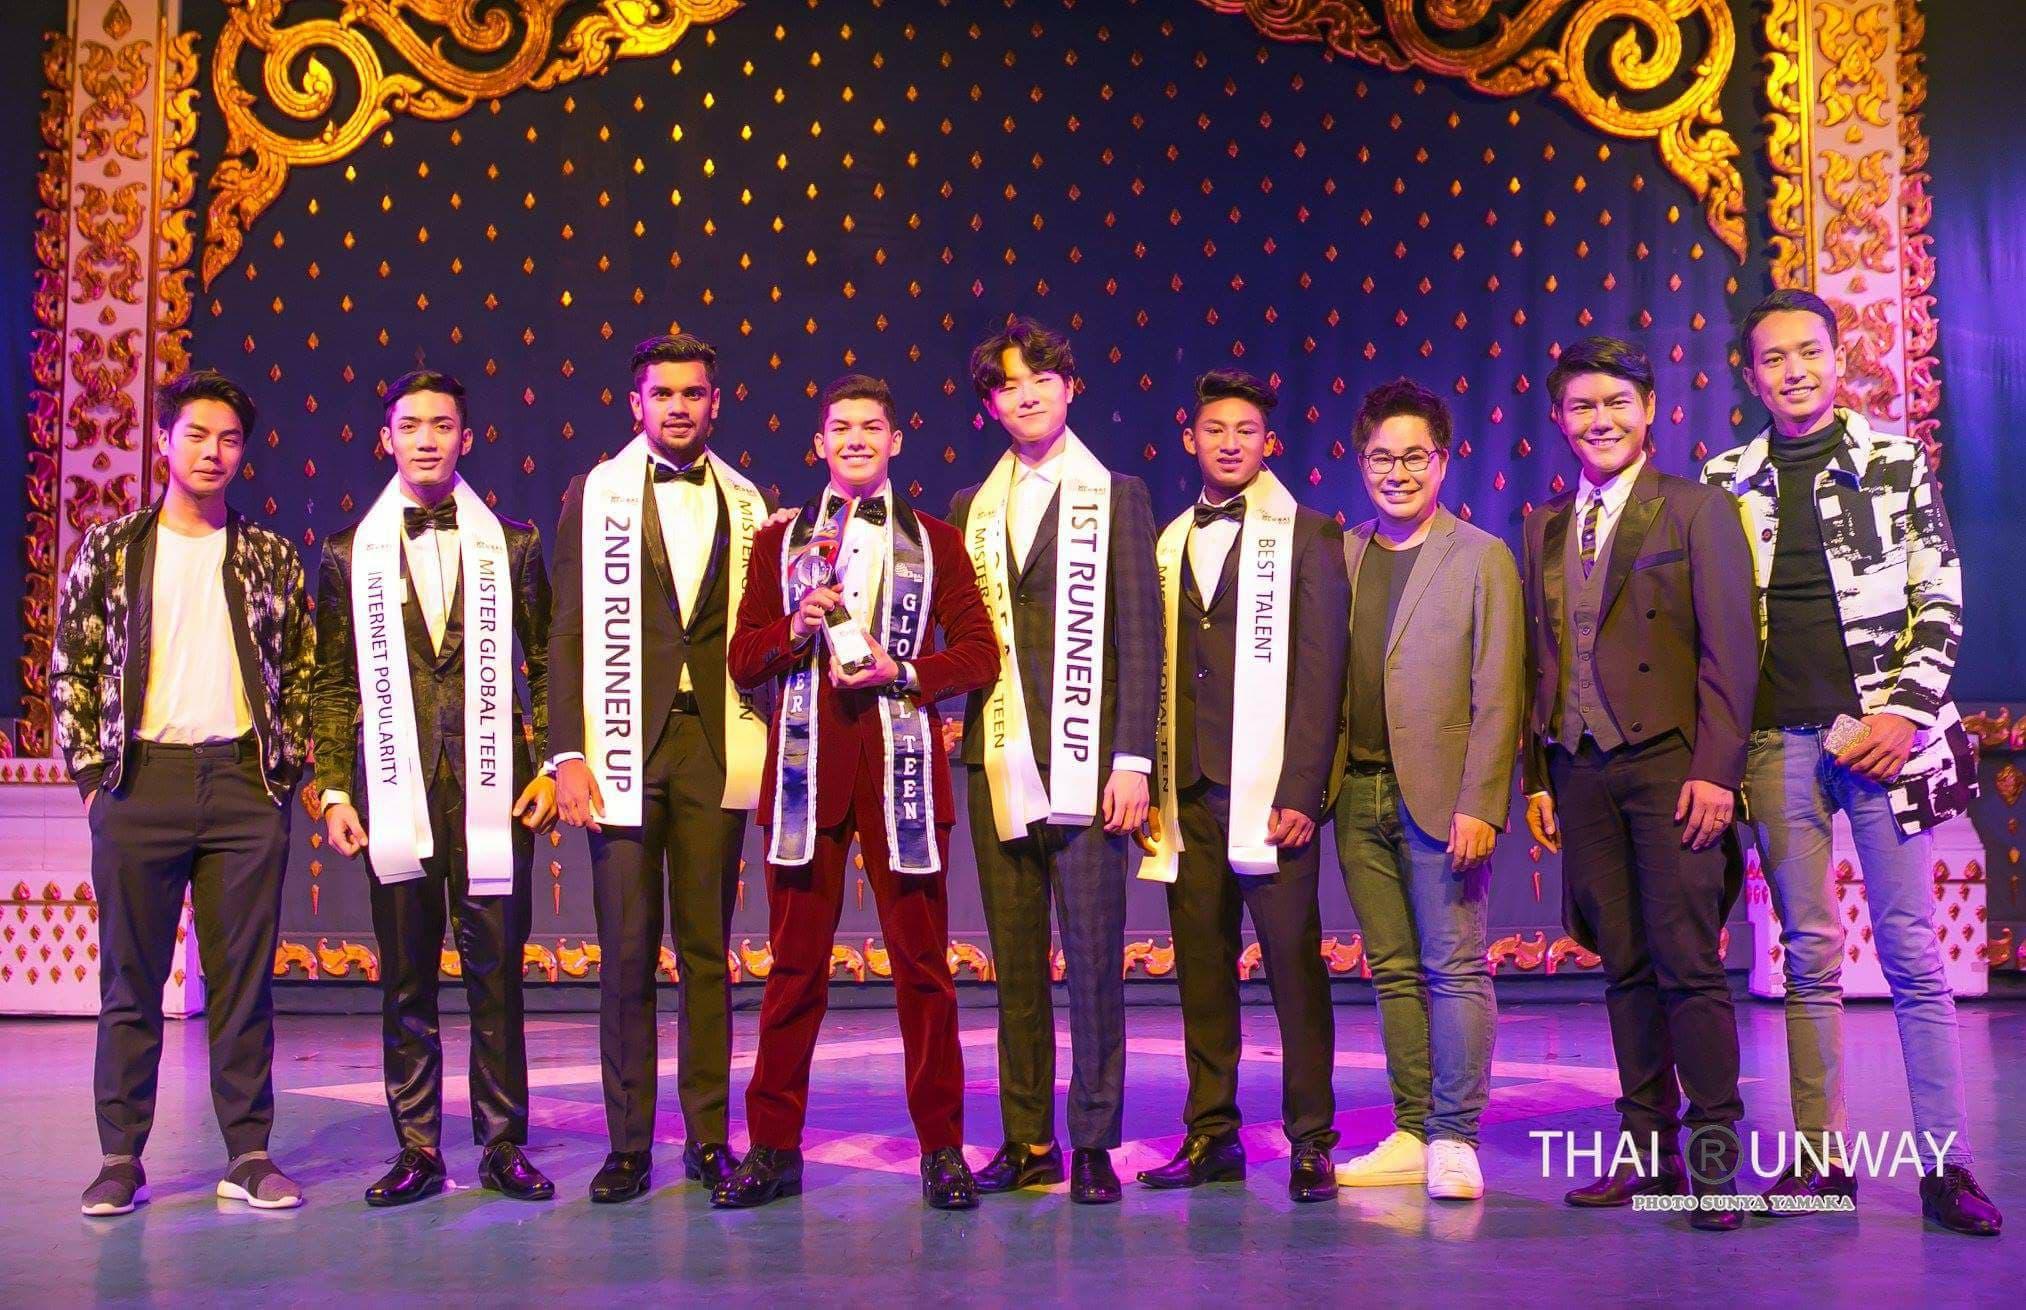 Raj Khadka winning the best talent award top 5 finalists in 3rd Mister Global Teen at Thailand (1)